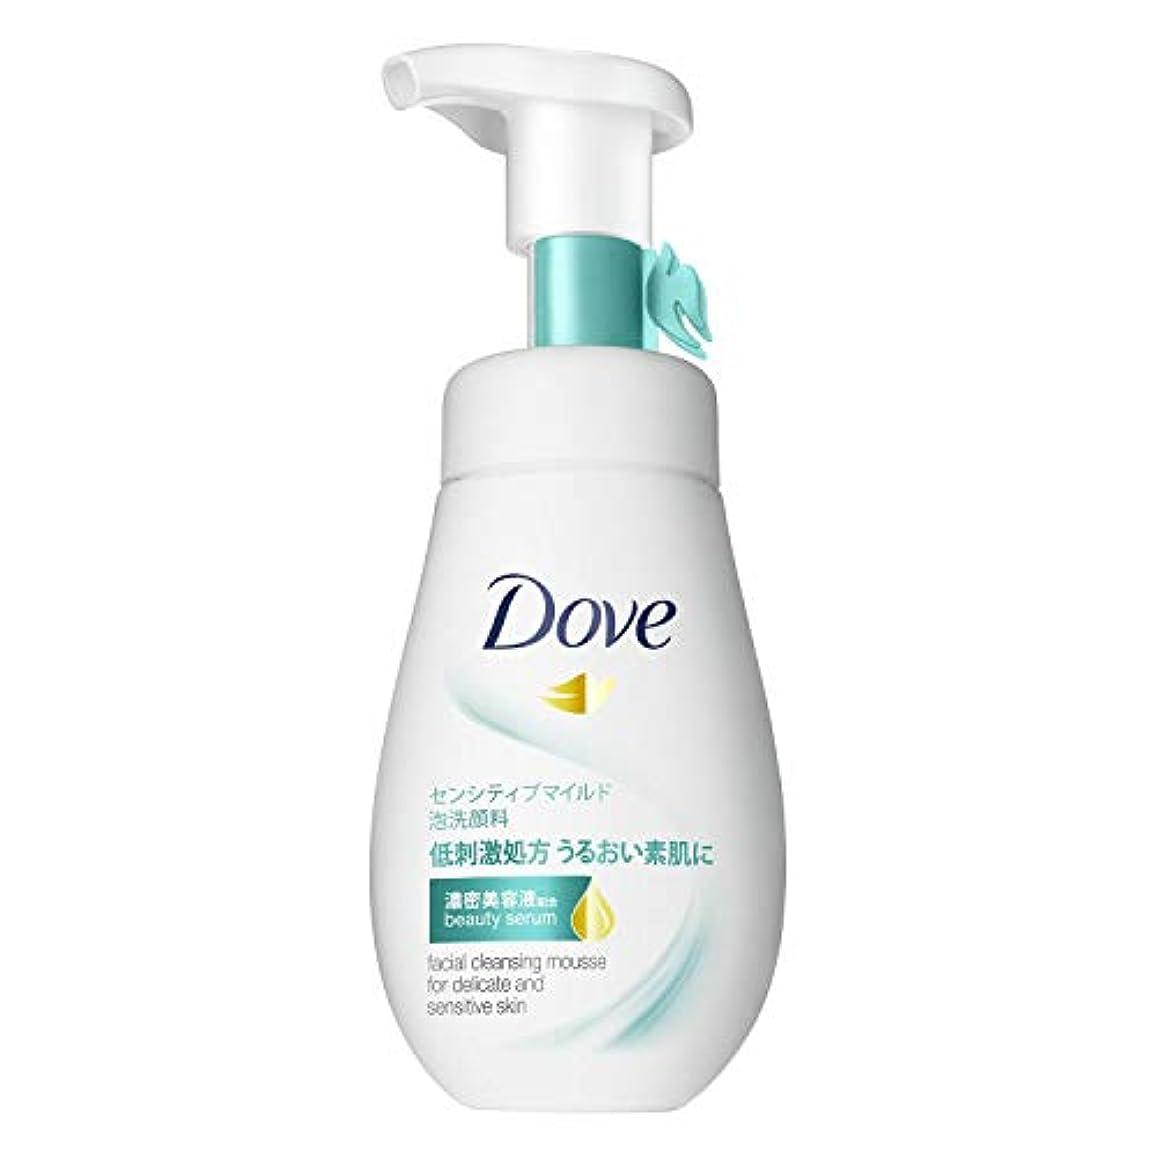 検索ストロー潜むダヴ センシティブマイルド クリーミー泡洗顔料 敏感肌用 160mL